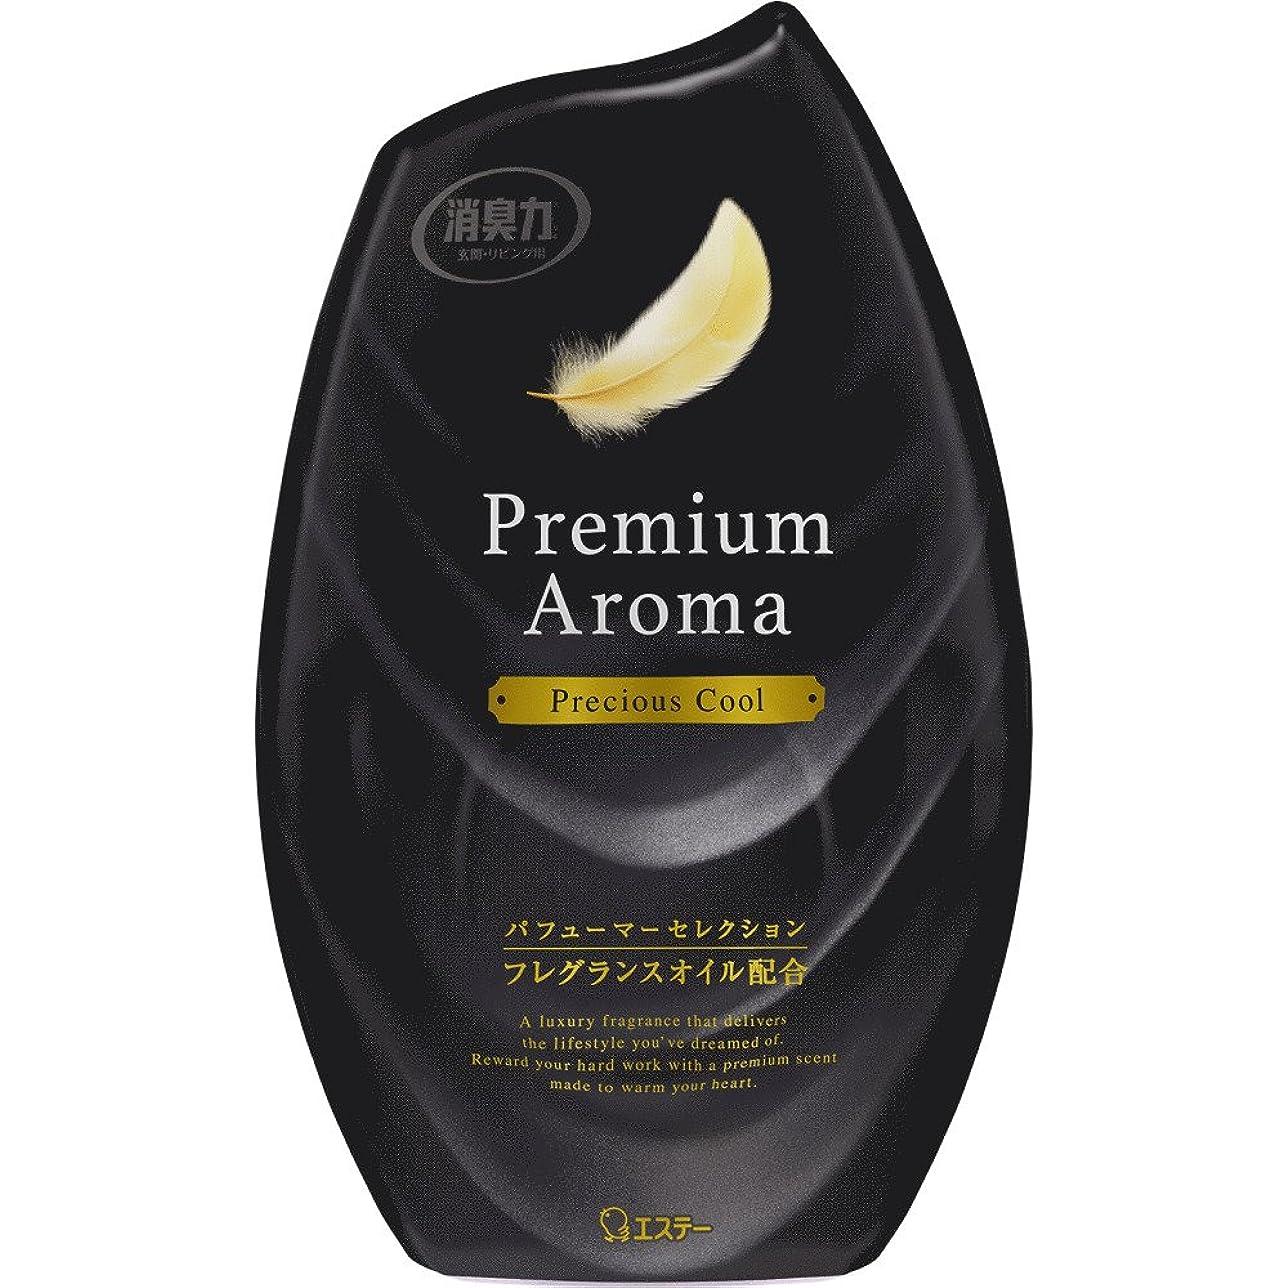 光沢友だち放映お部屋の消臭力 プレミアムアロマ Premium Aroma 消臭芳香剤 部屋用 部屋 プレシャスクールの香り 400ml